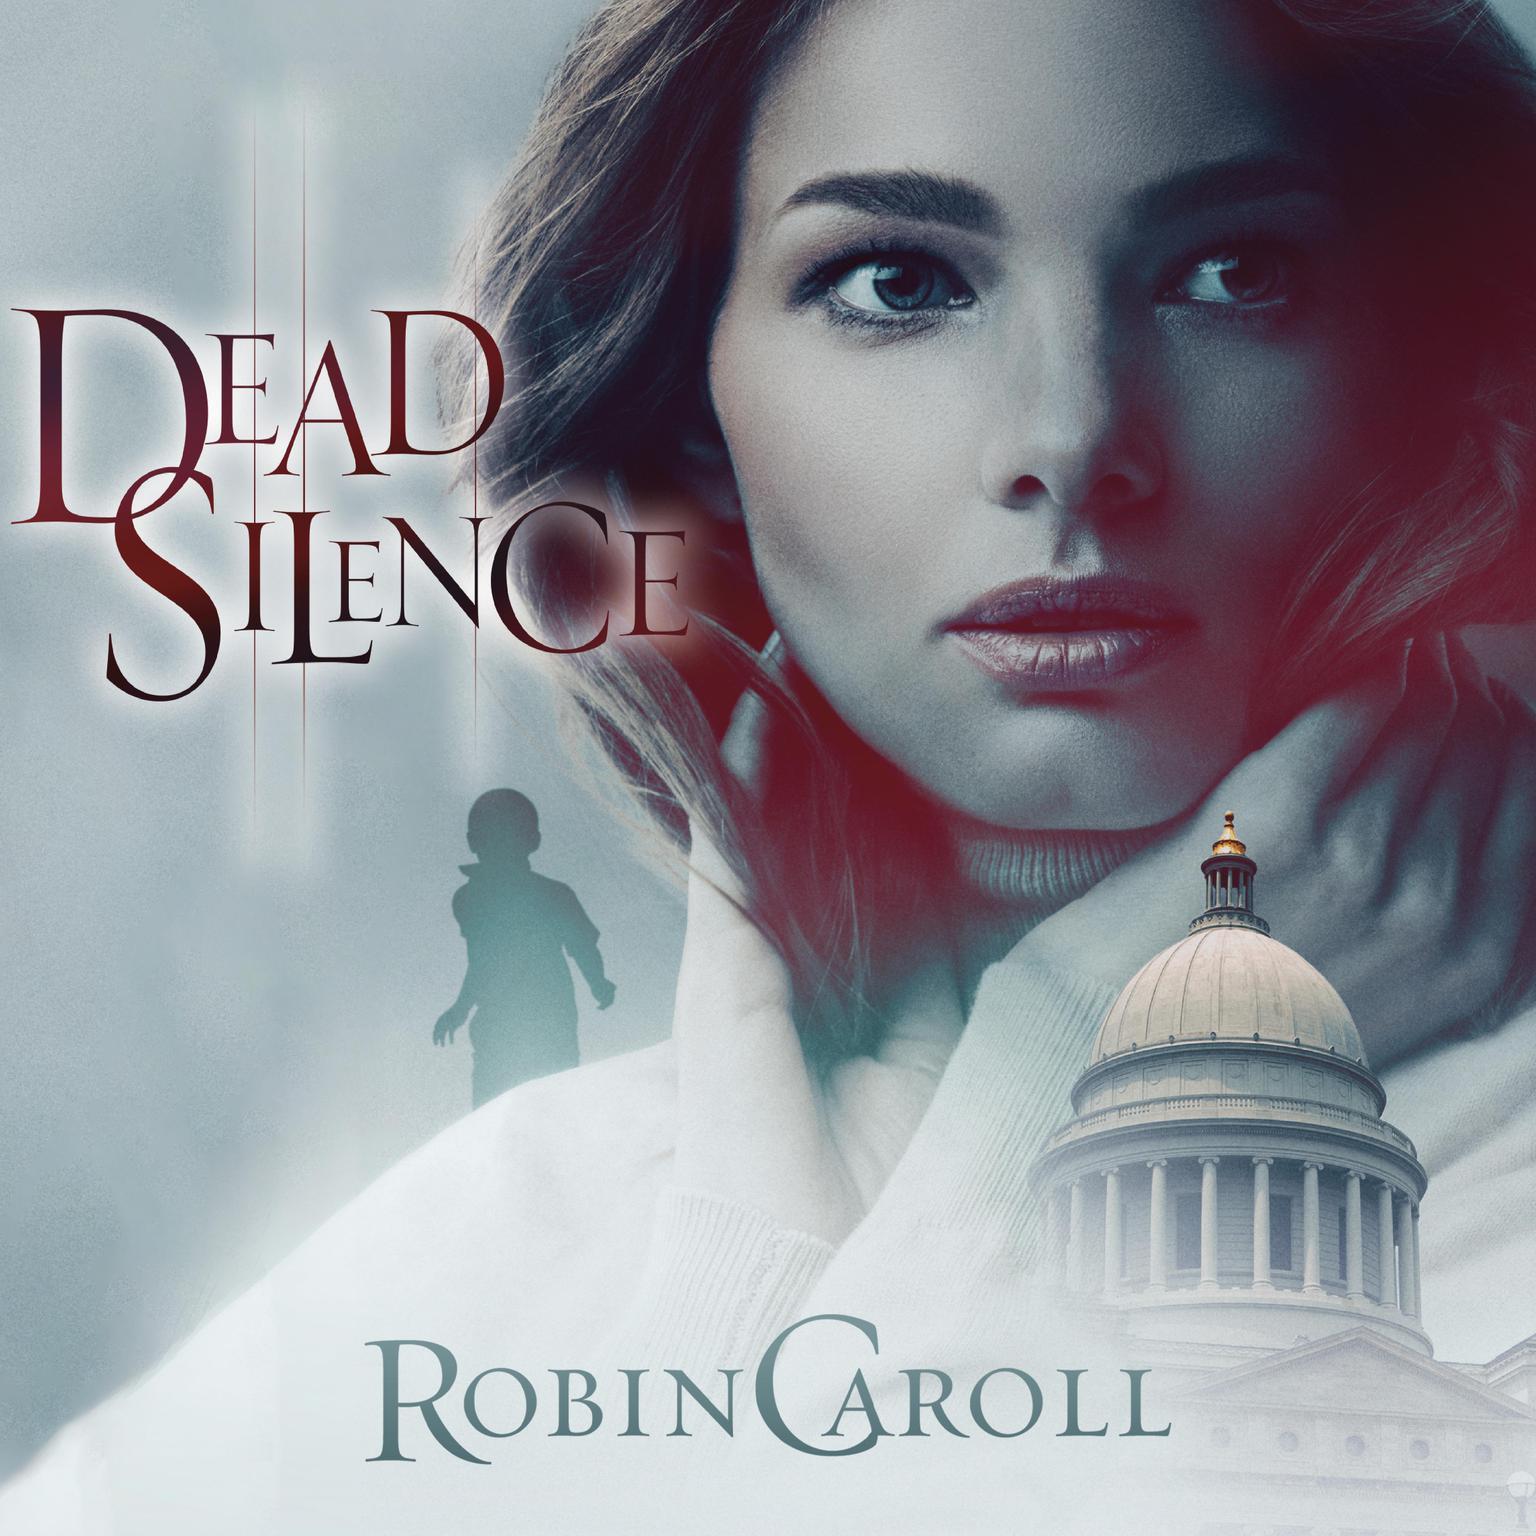 Dead Silence Audiobook, by Robin Caroll